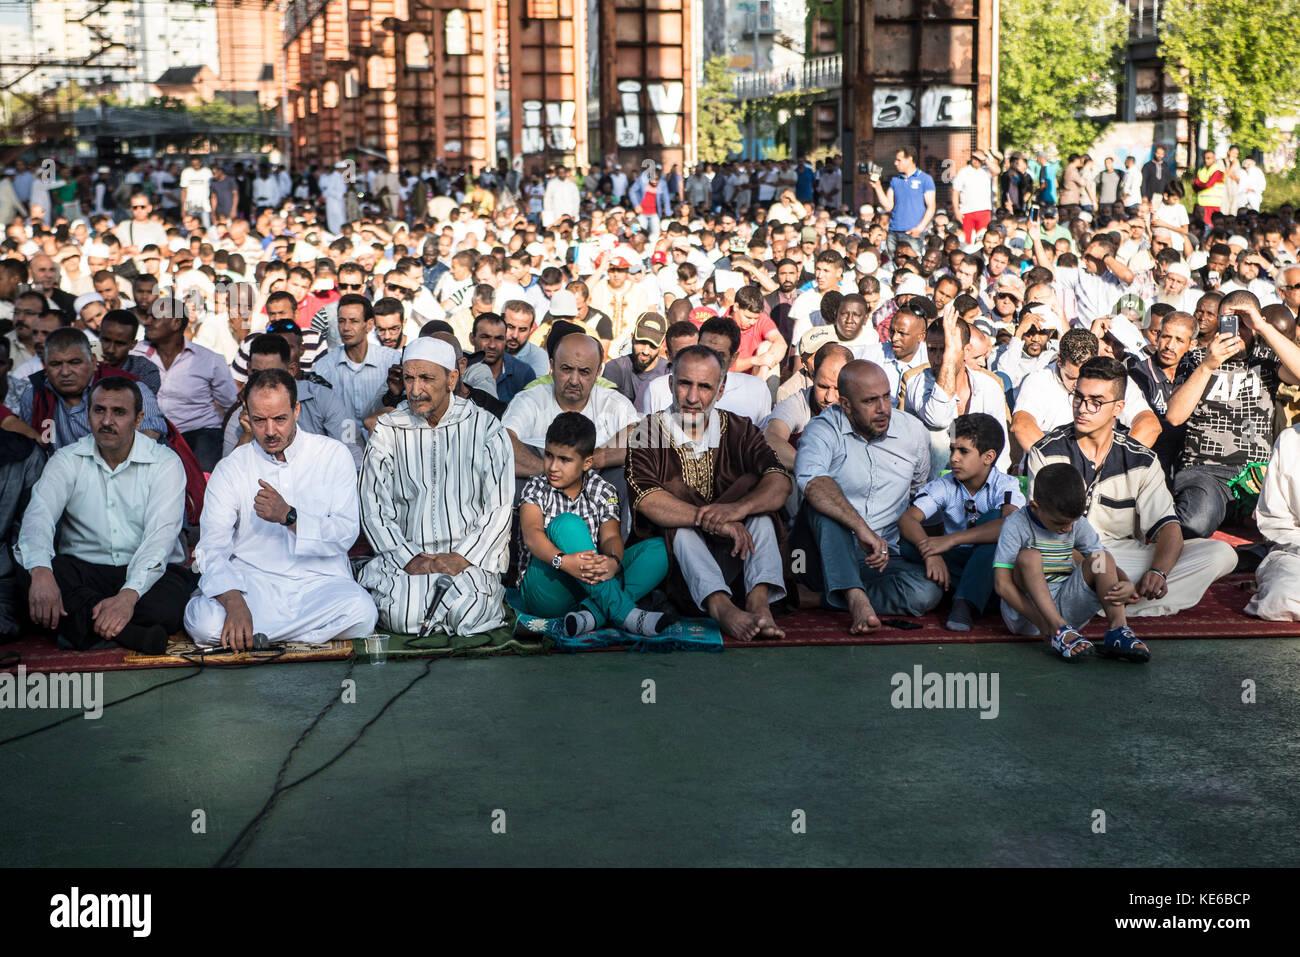 Turin, Italy - September 1, 2017: Islamic Sacrifice Festival at Dora Park in Turin, Italy Stock Photo